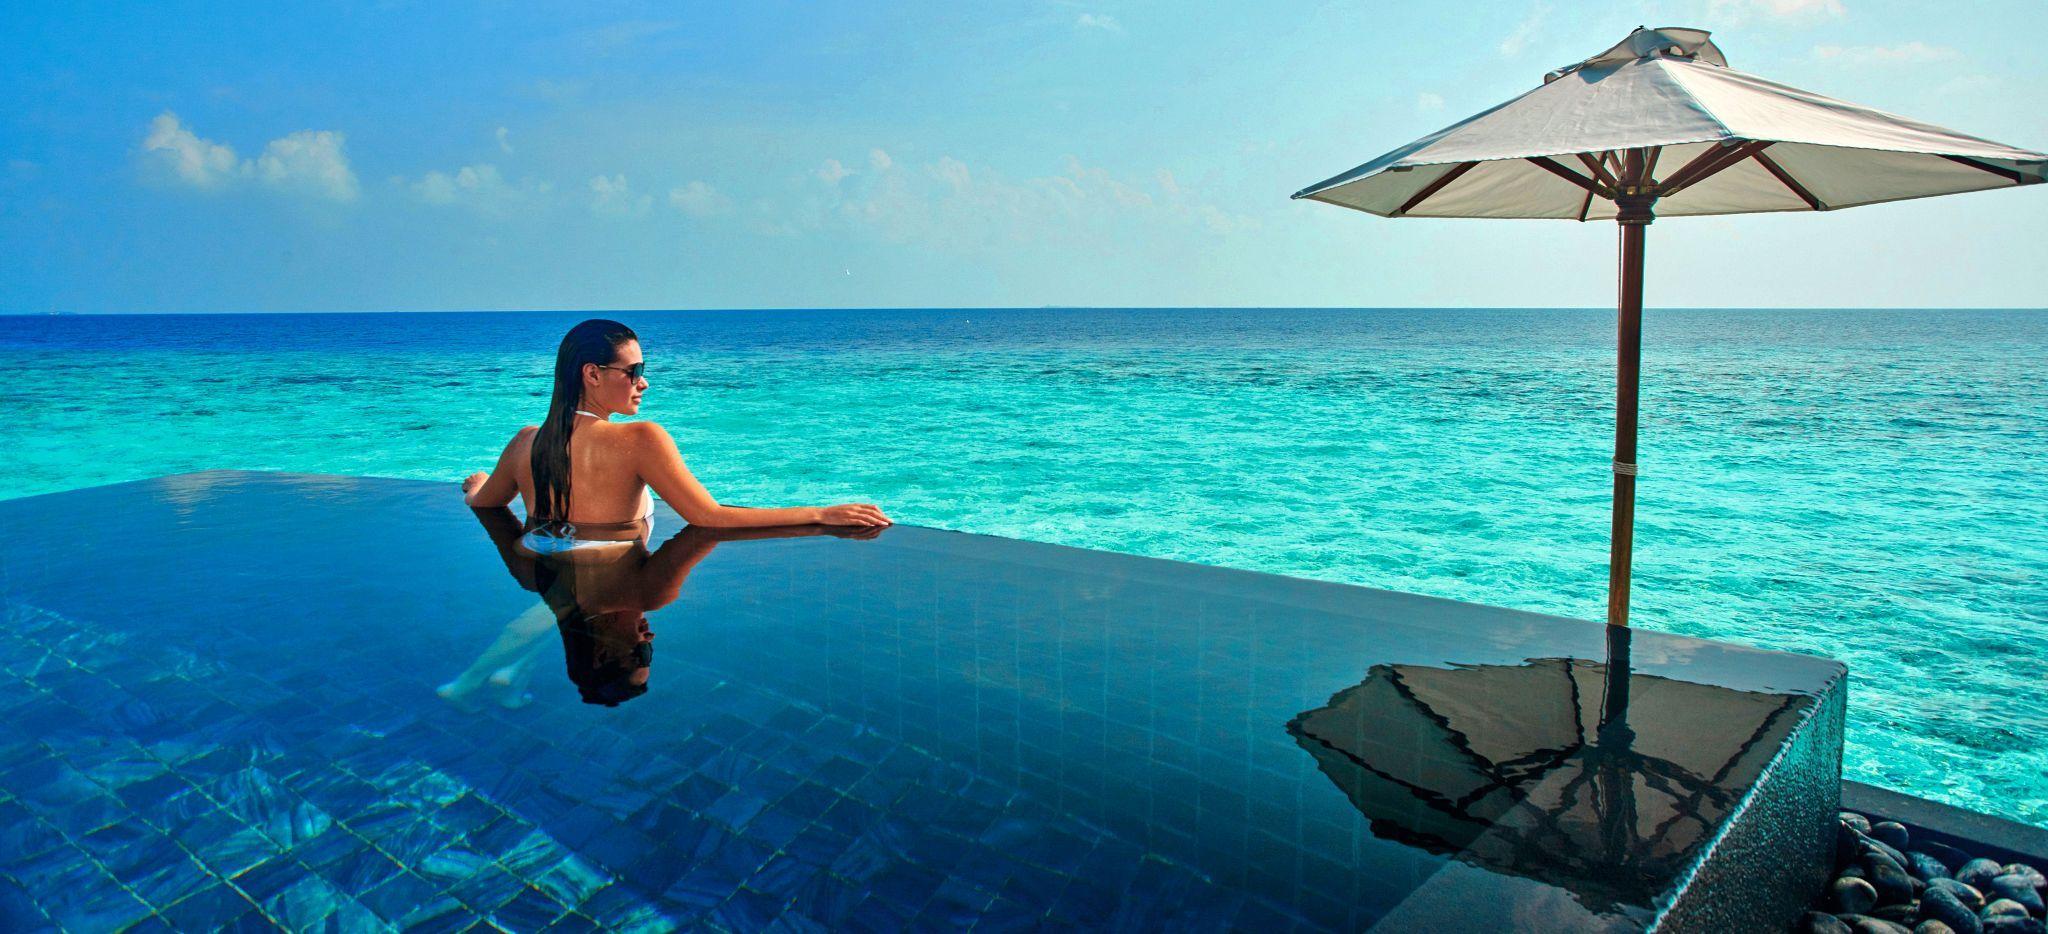 Eine Frau schwimmt in einem privaten Pool einer Wasservilla in der Lagune des Hotels Constance Halaveli